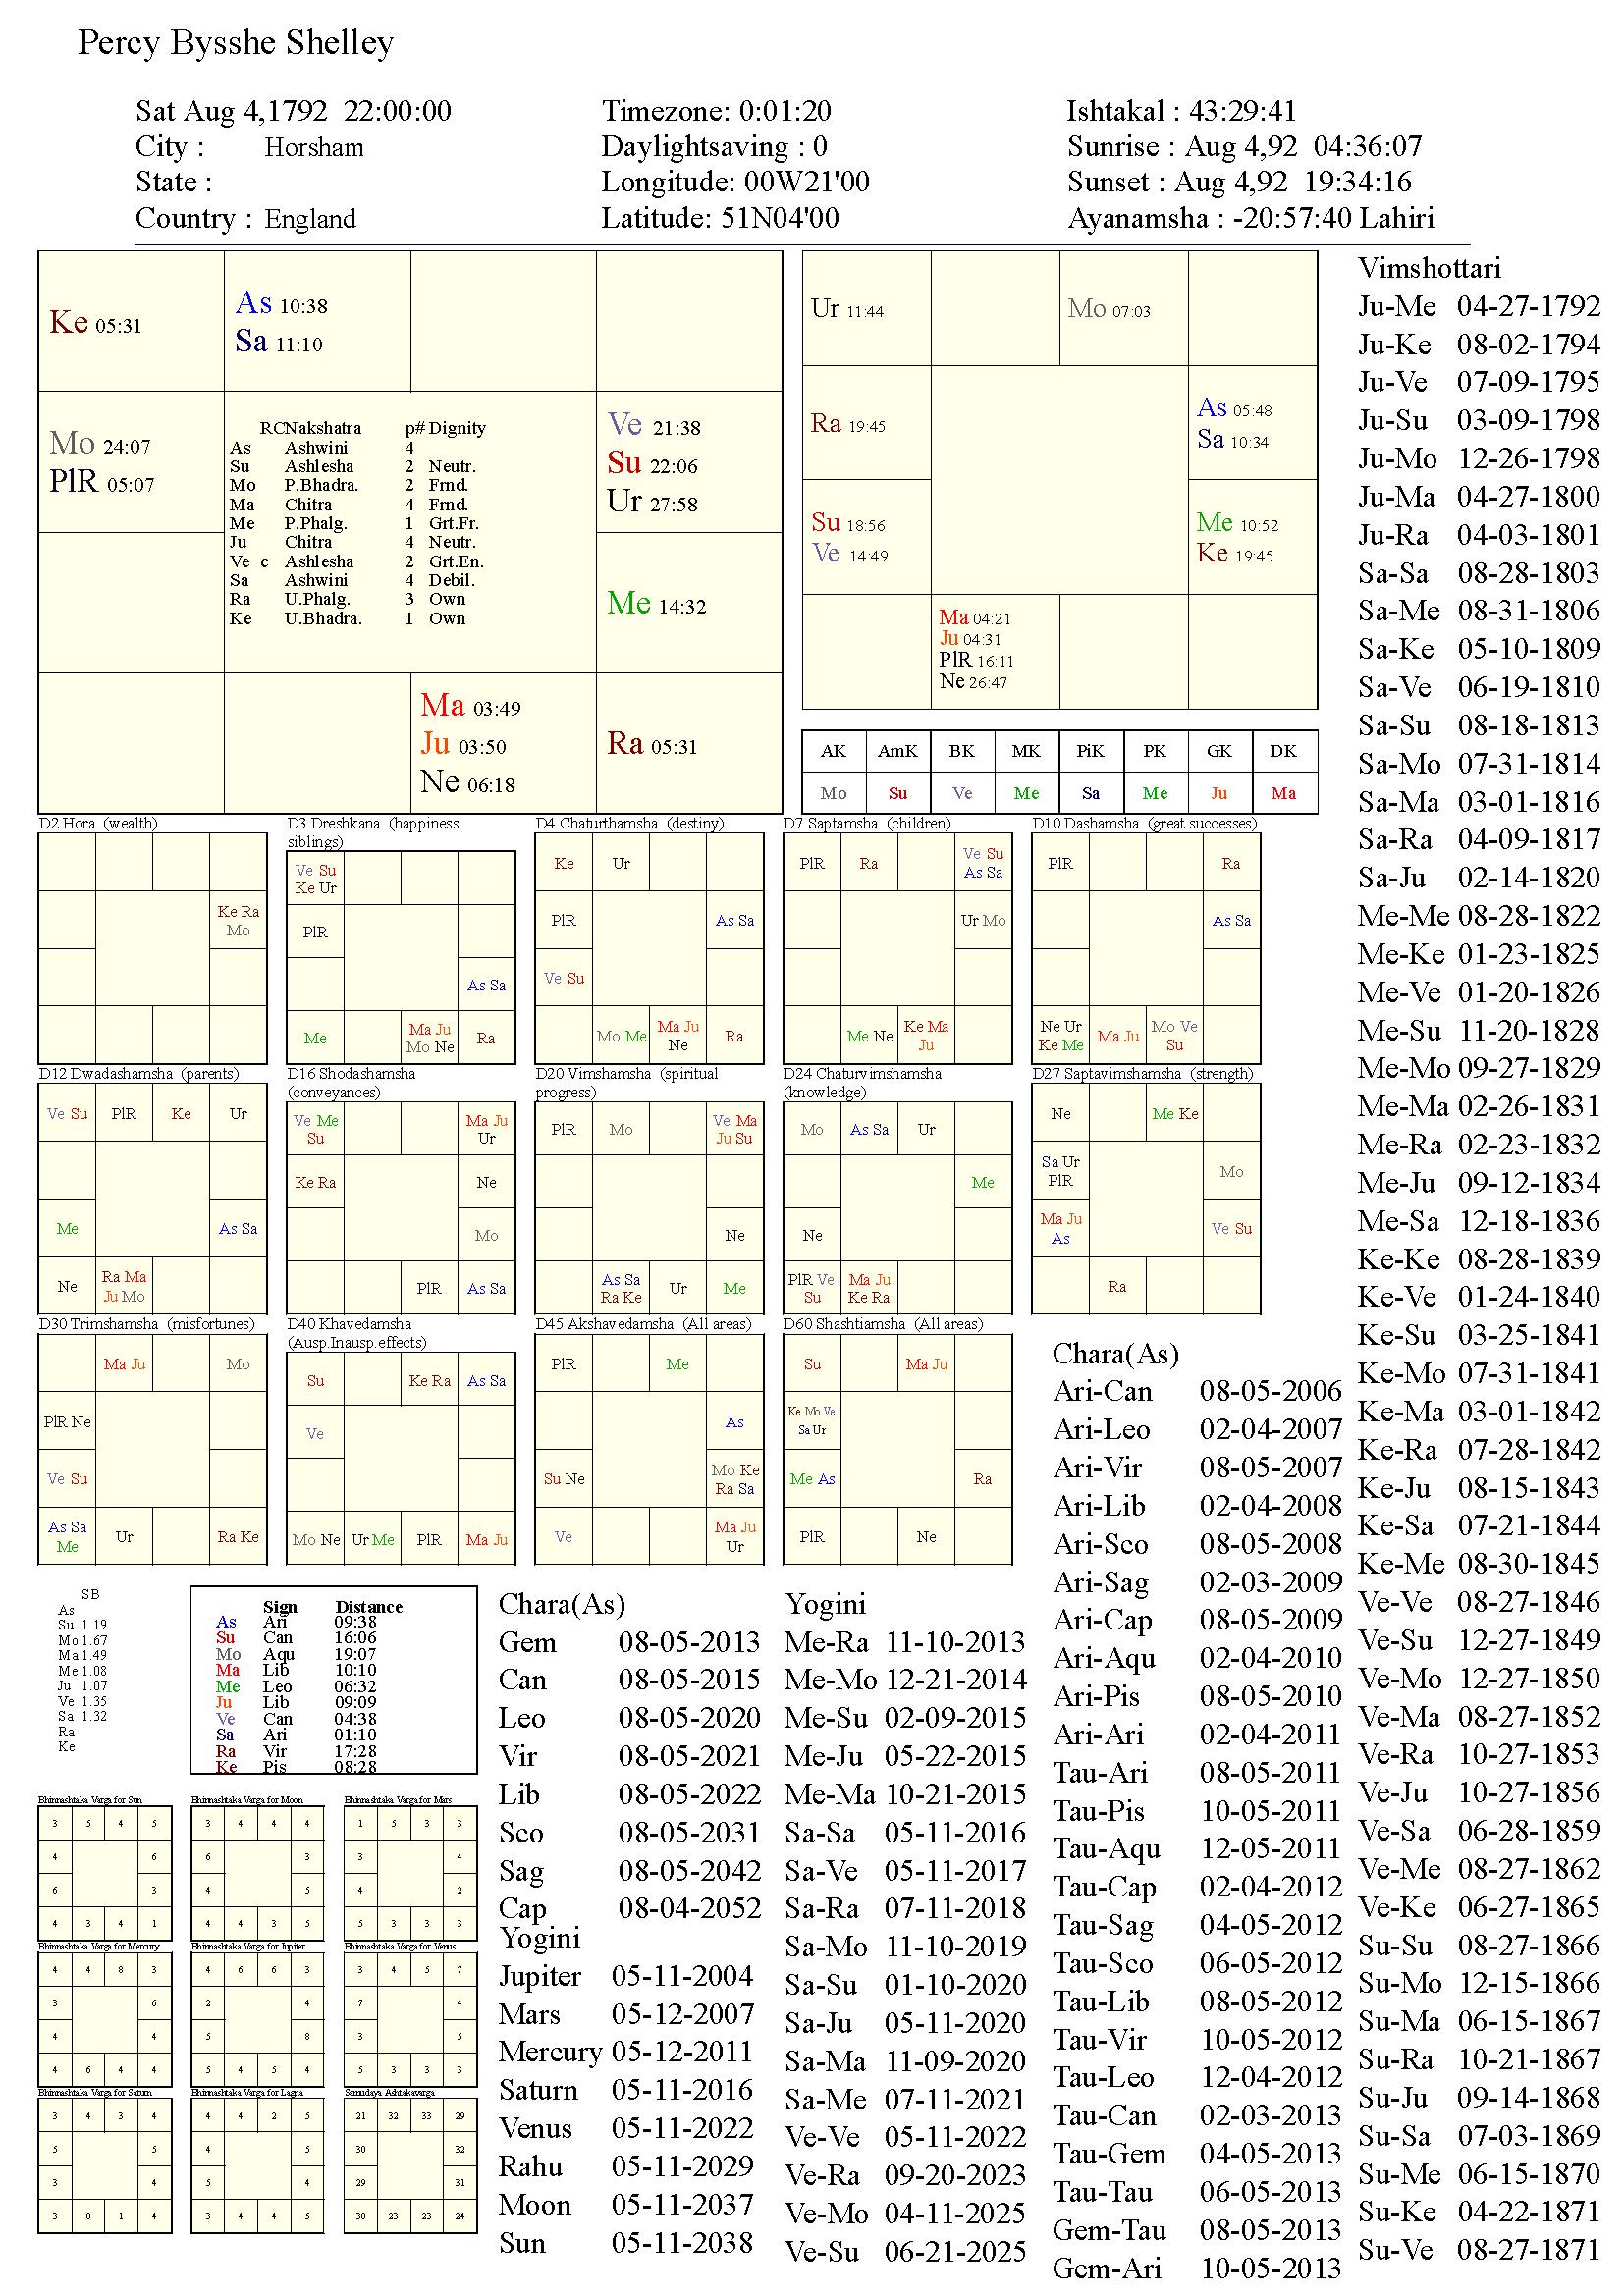 percybyssheshelley_chart